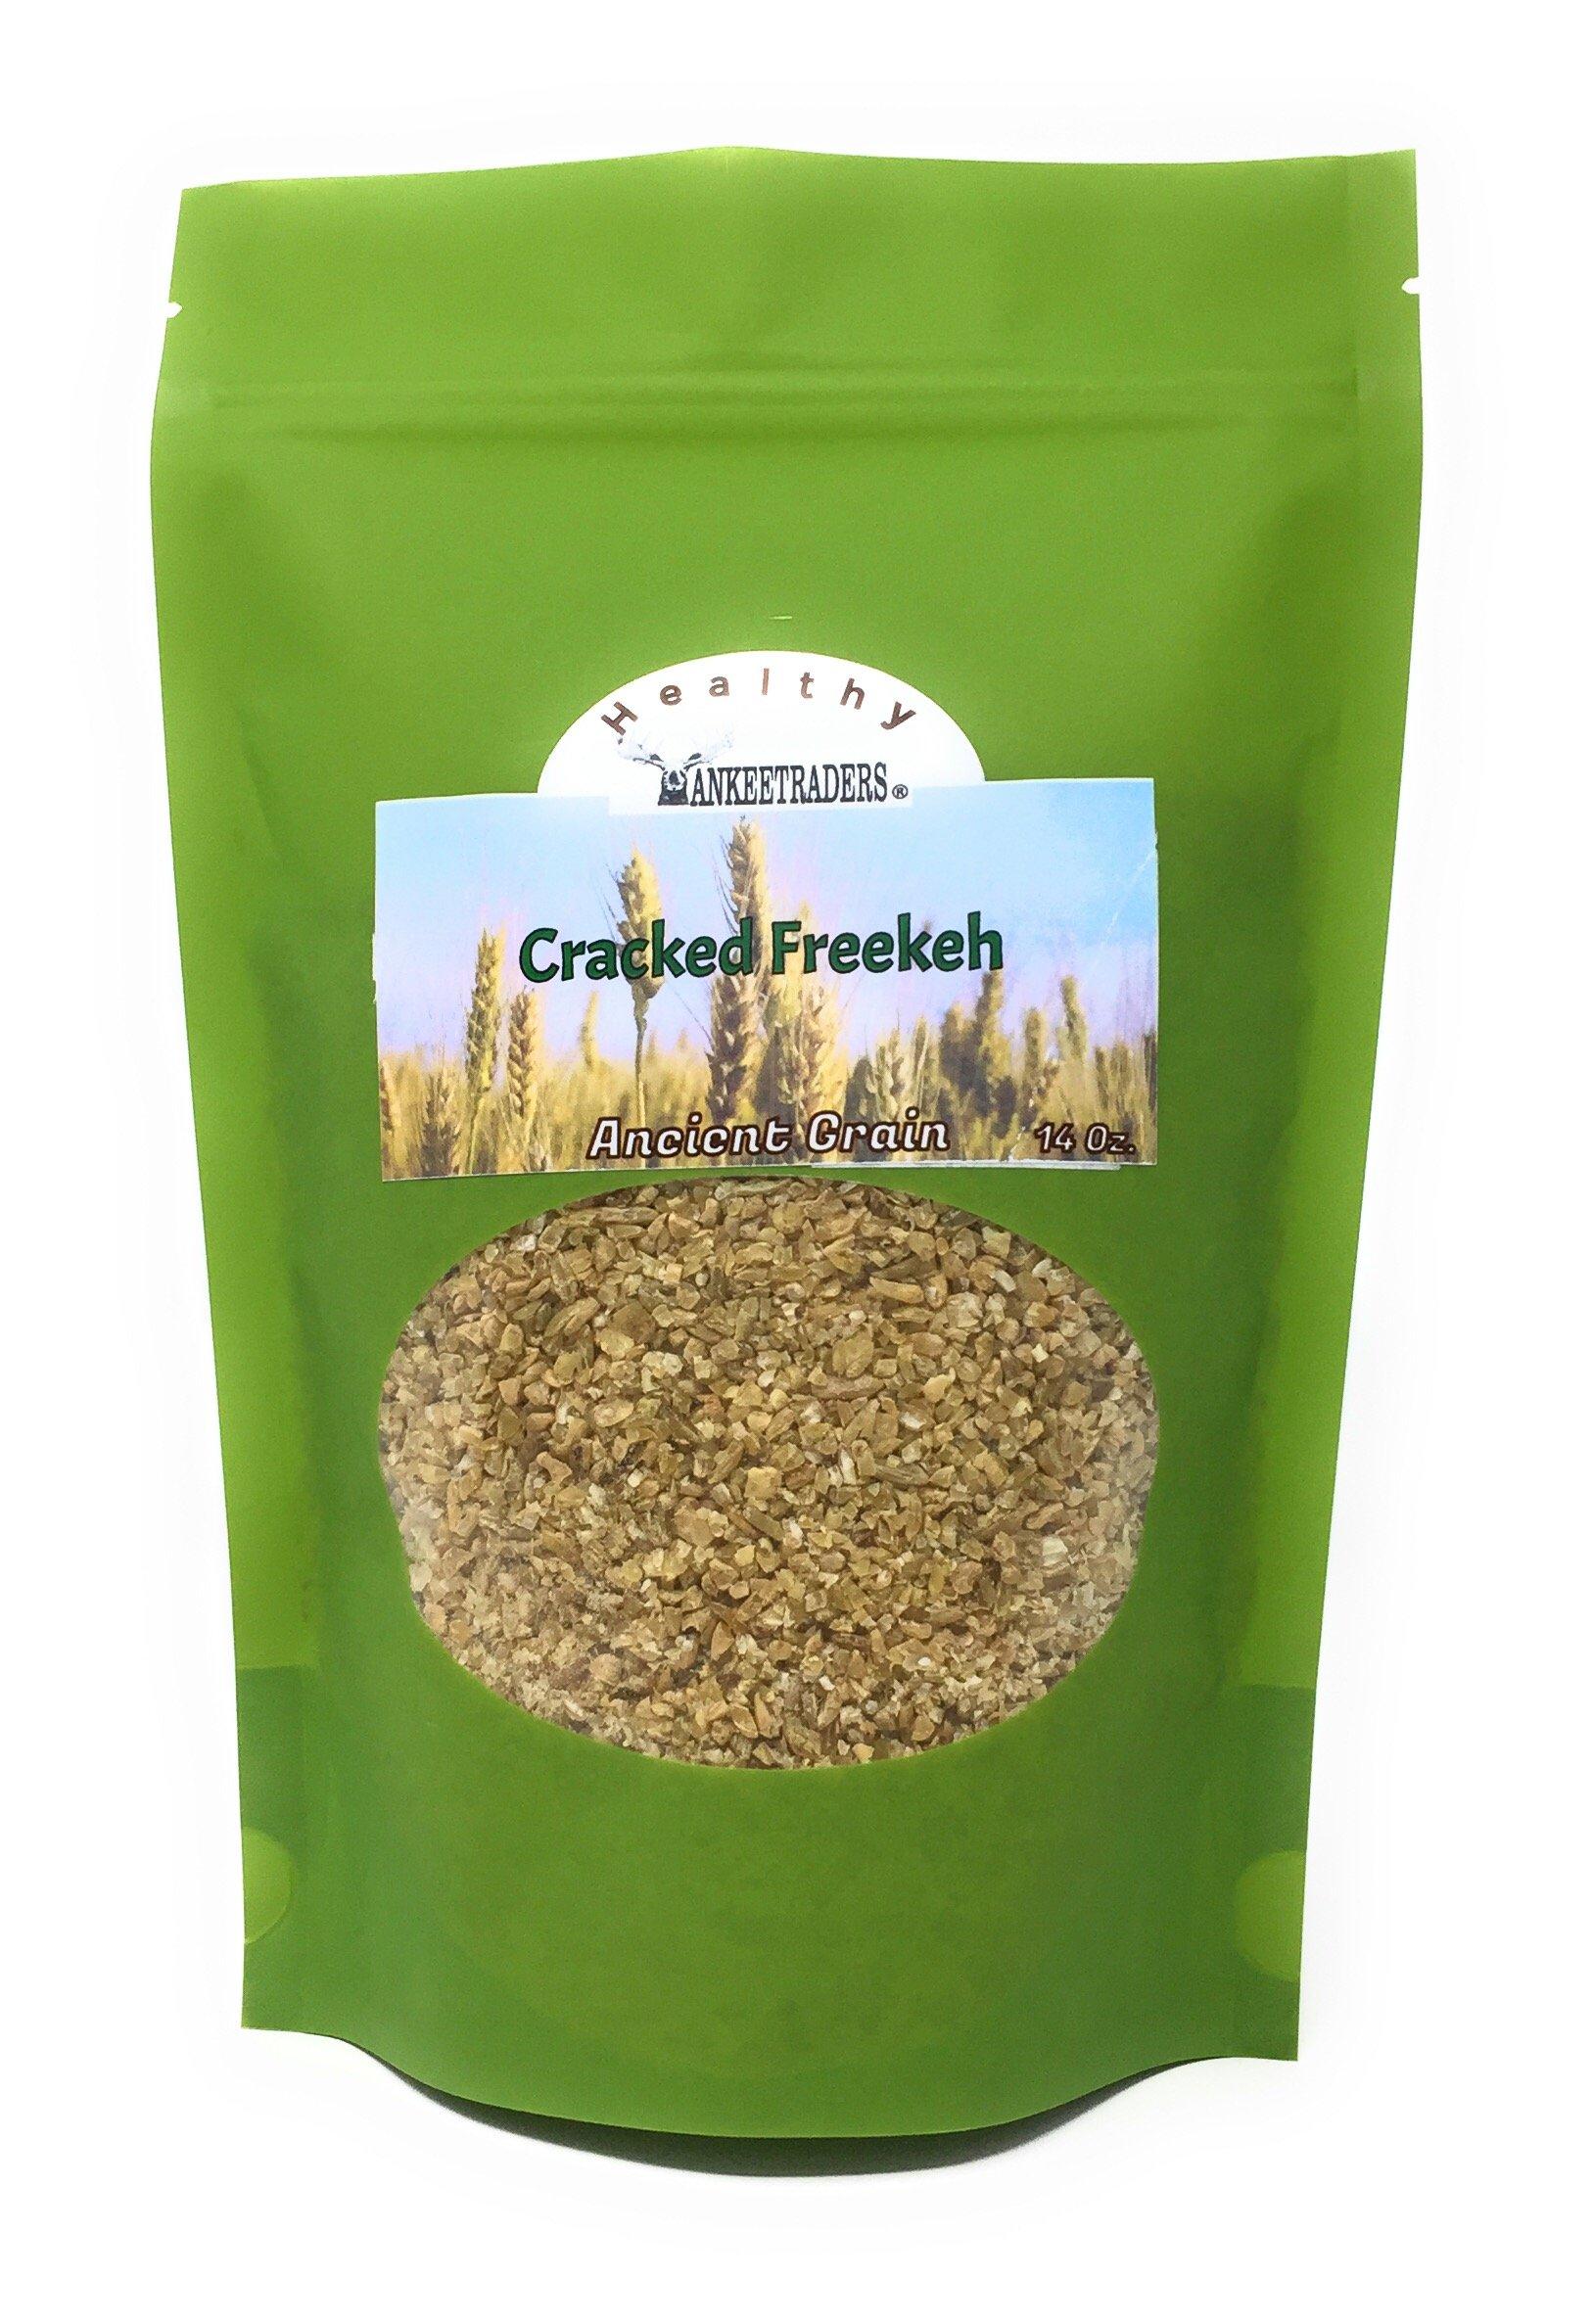 YANKEETRADERS, Healthy Freekeh, Cracked Grain, 14 Ounce Bag by YANKEETRADERS